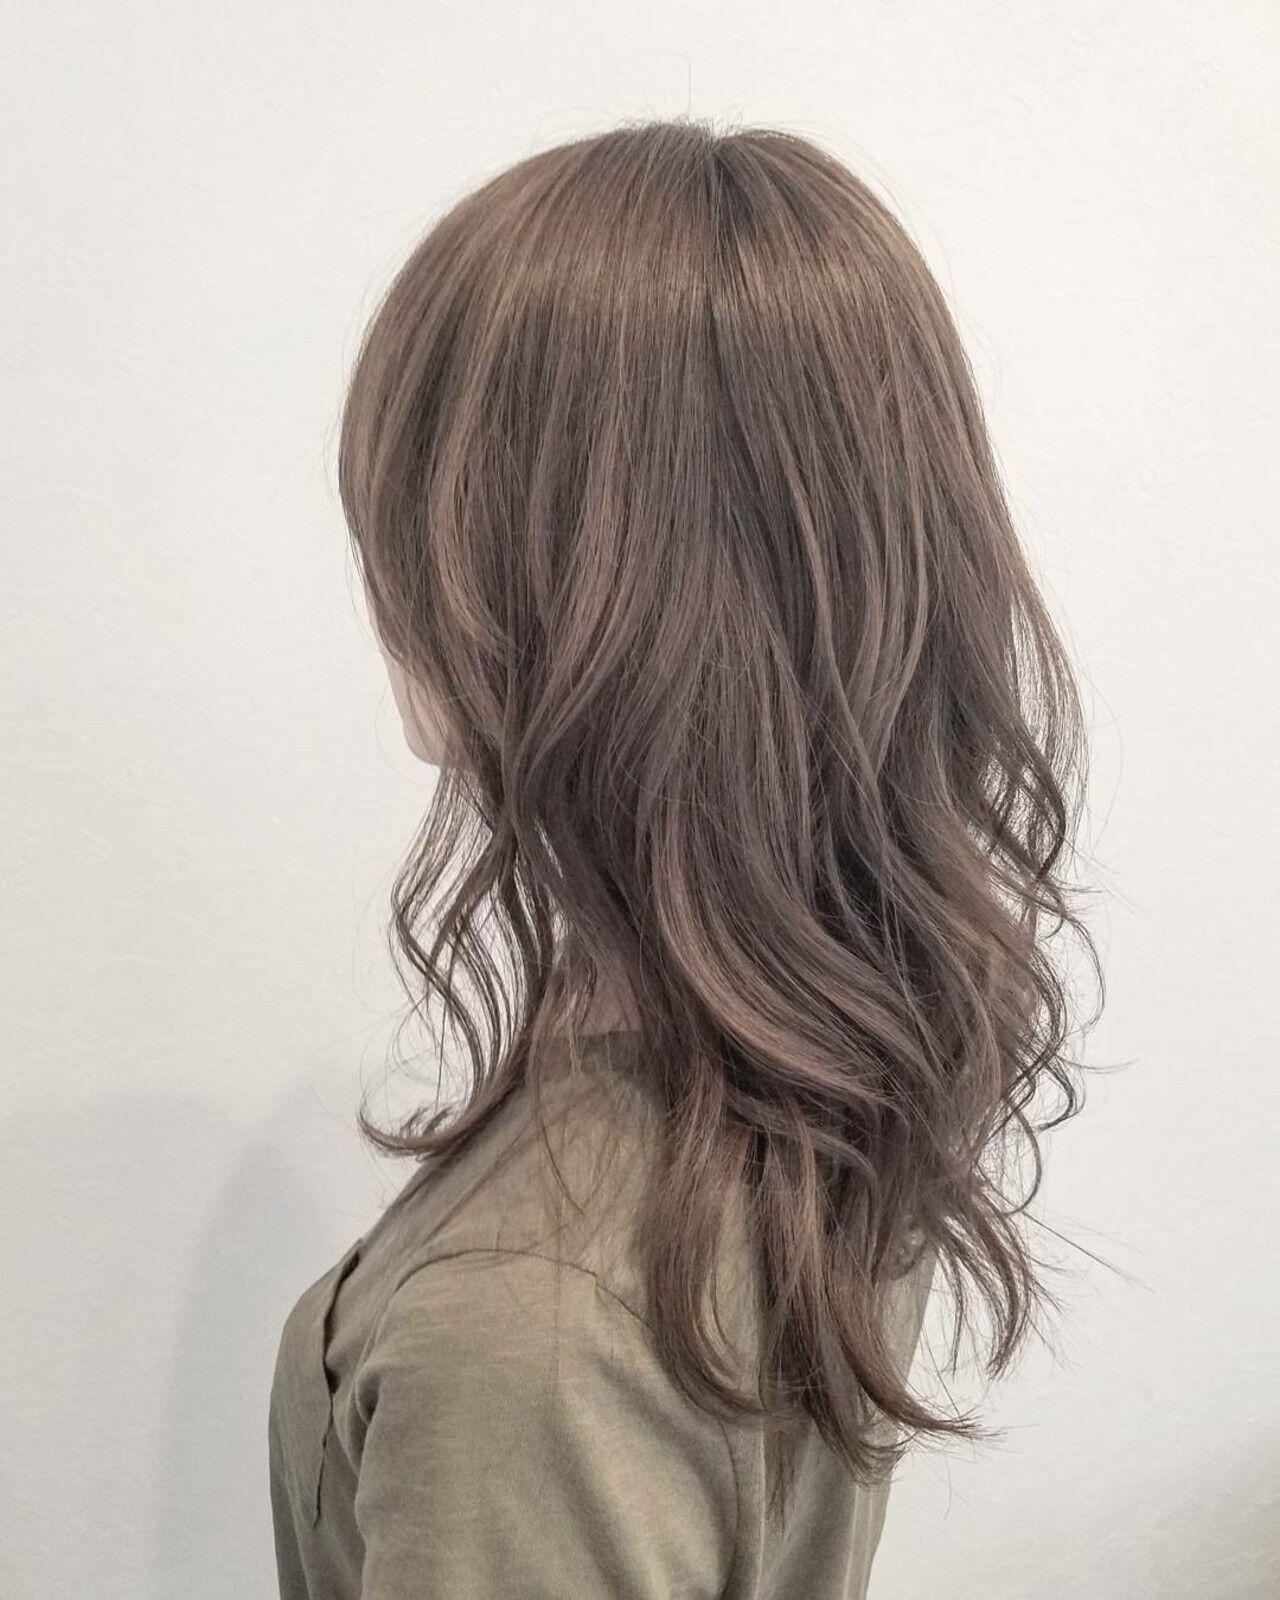 セミロング 外国人風 ハイトーン ナチュラルヘアスタイルや髪型の写真・画像